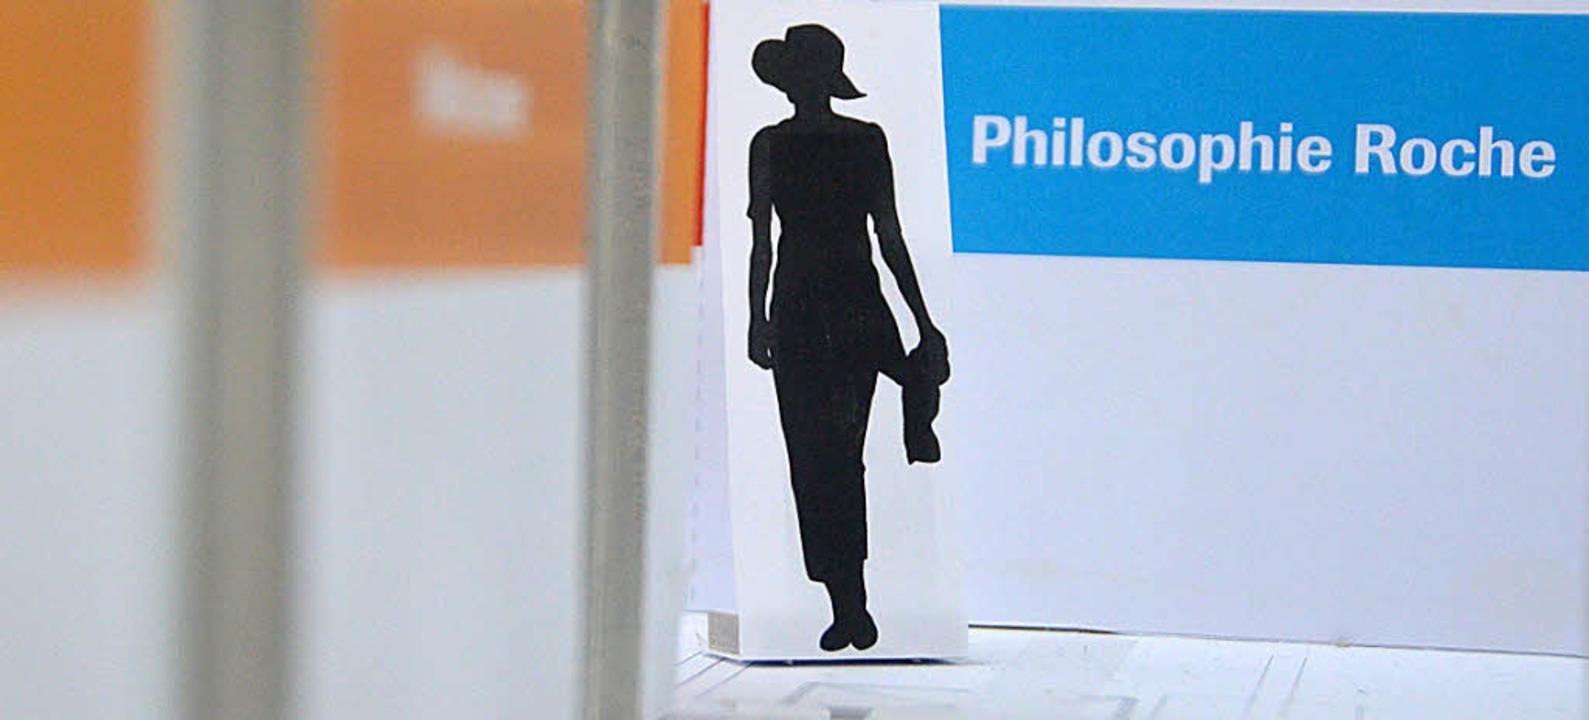 Roche möchte Besuchern auch ihre Philosophie nahe bringen.  | Foto: Ralf H. Dorweiler